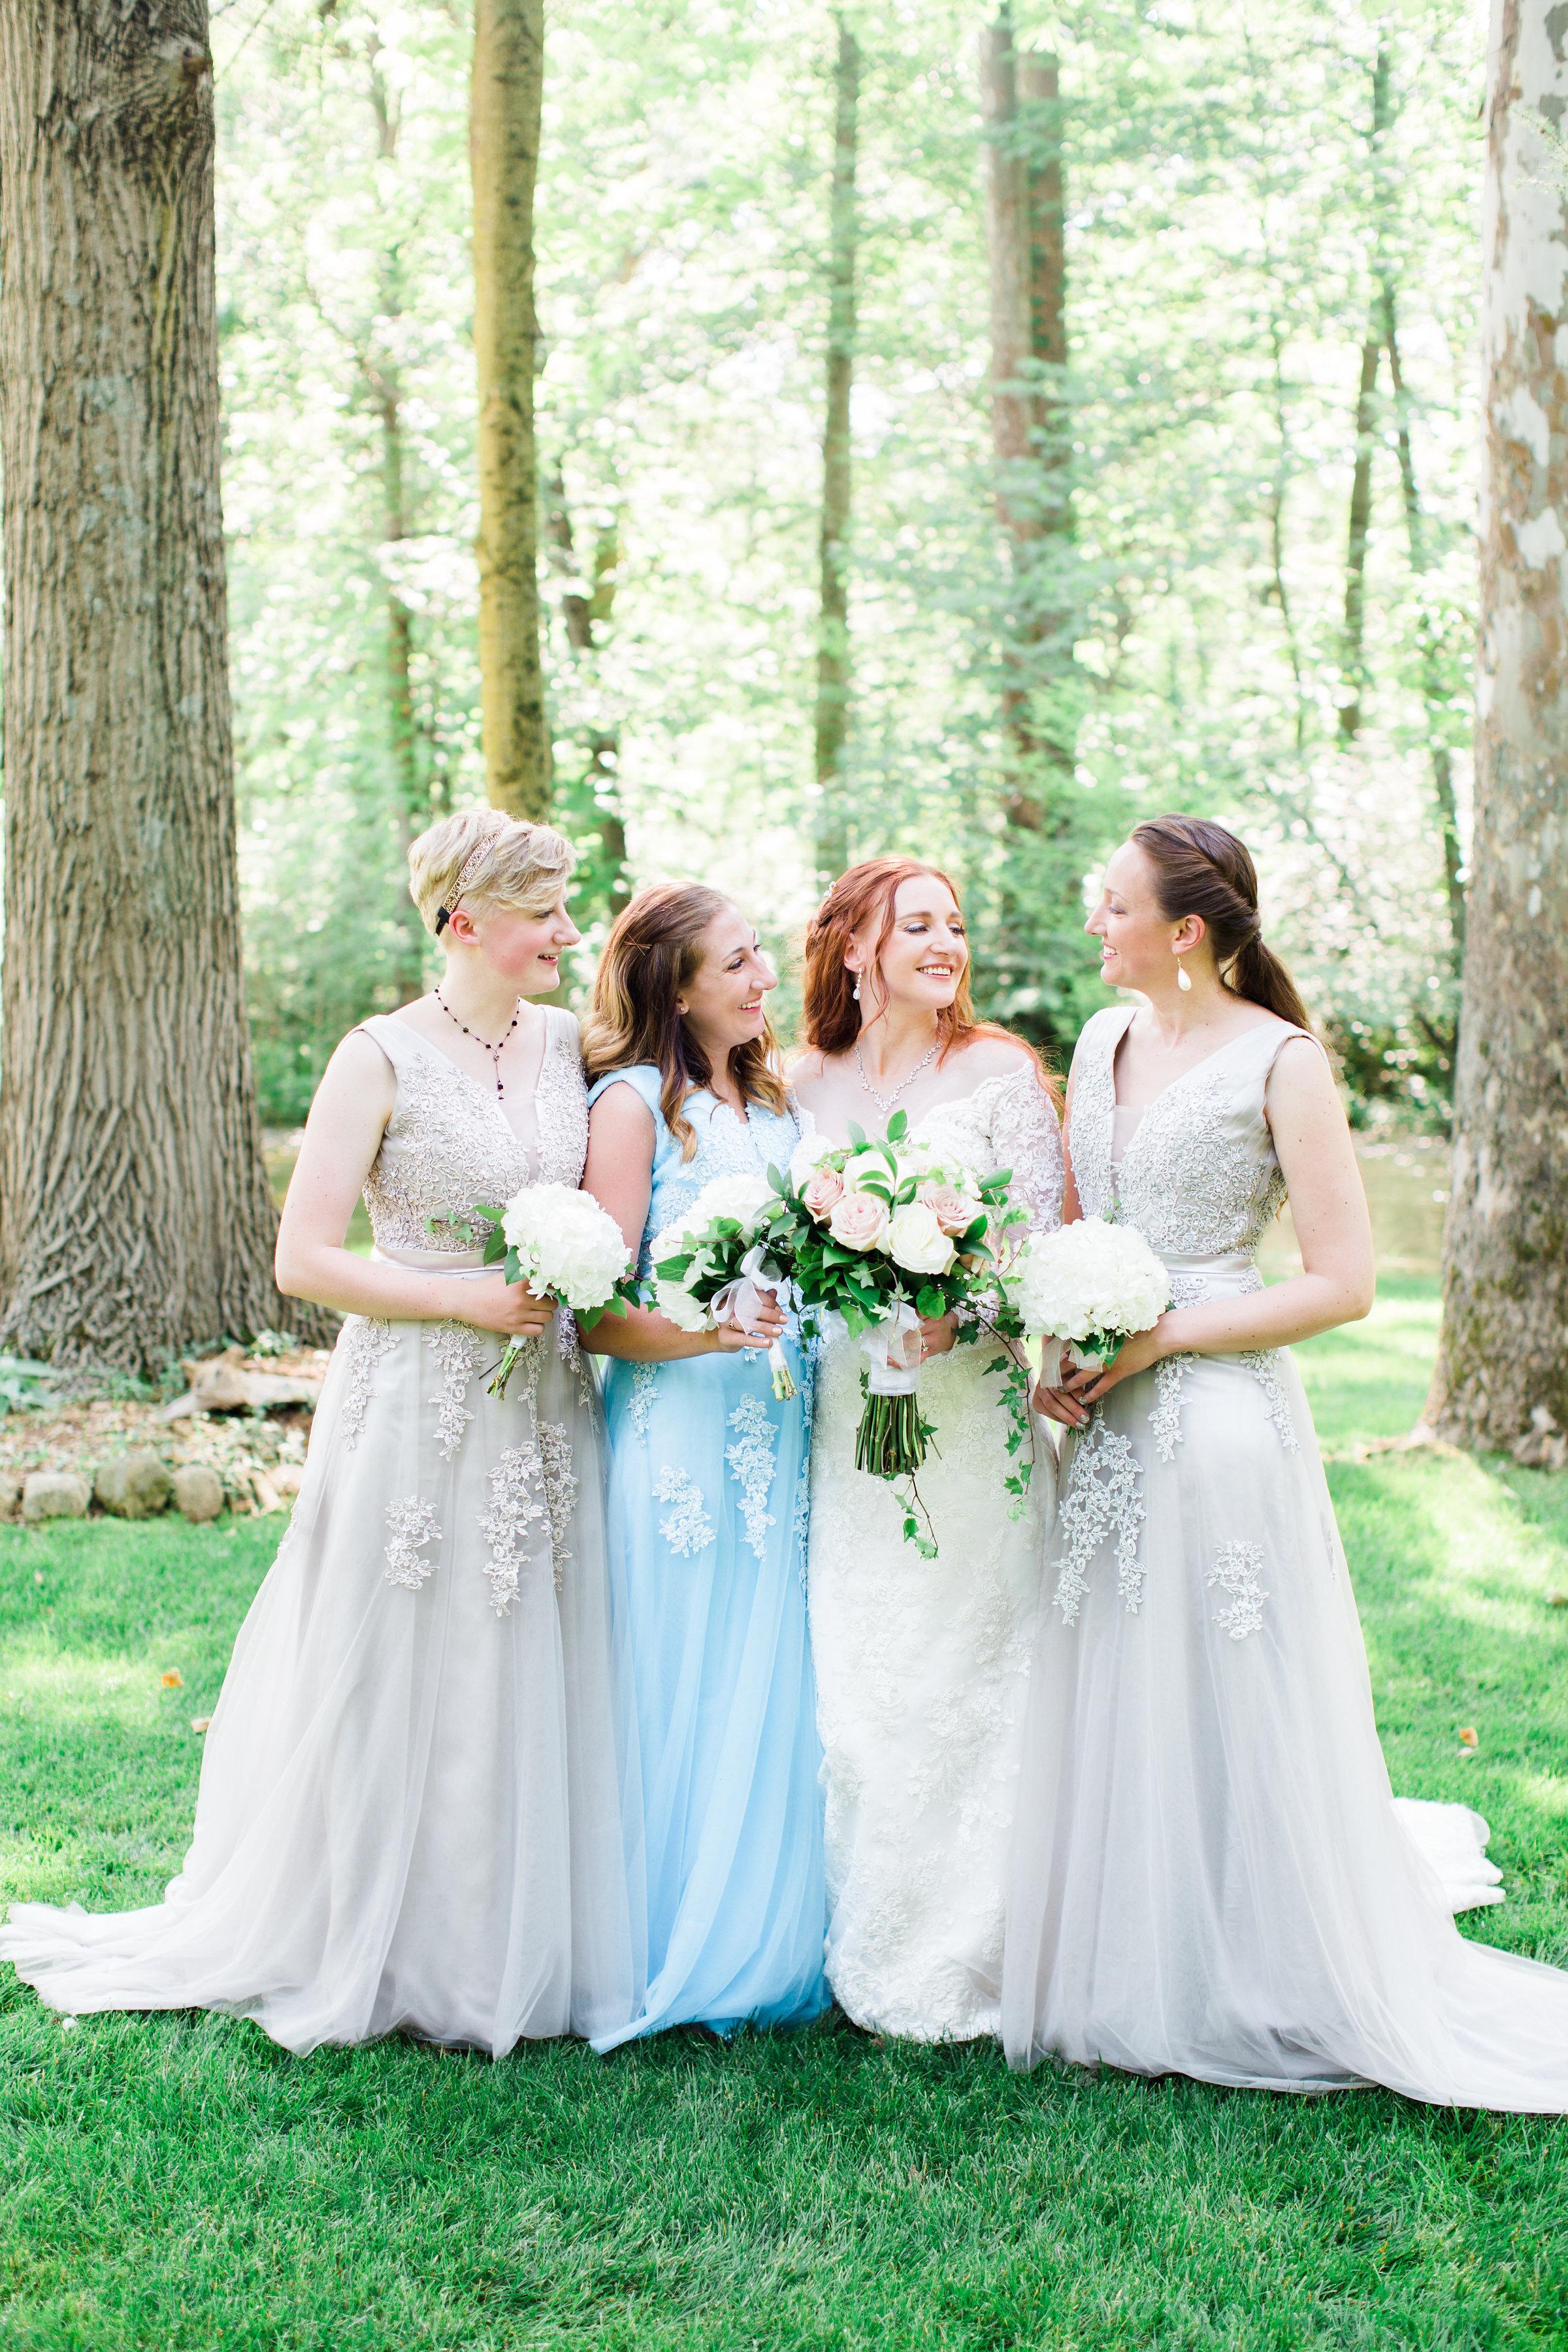 Conger+Wedding+Family-19.jpg